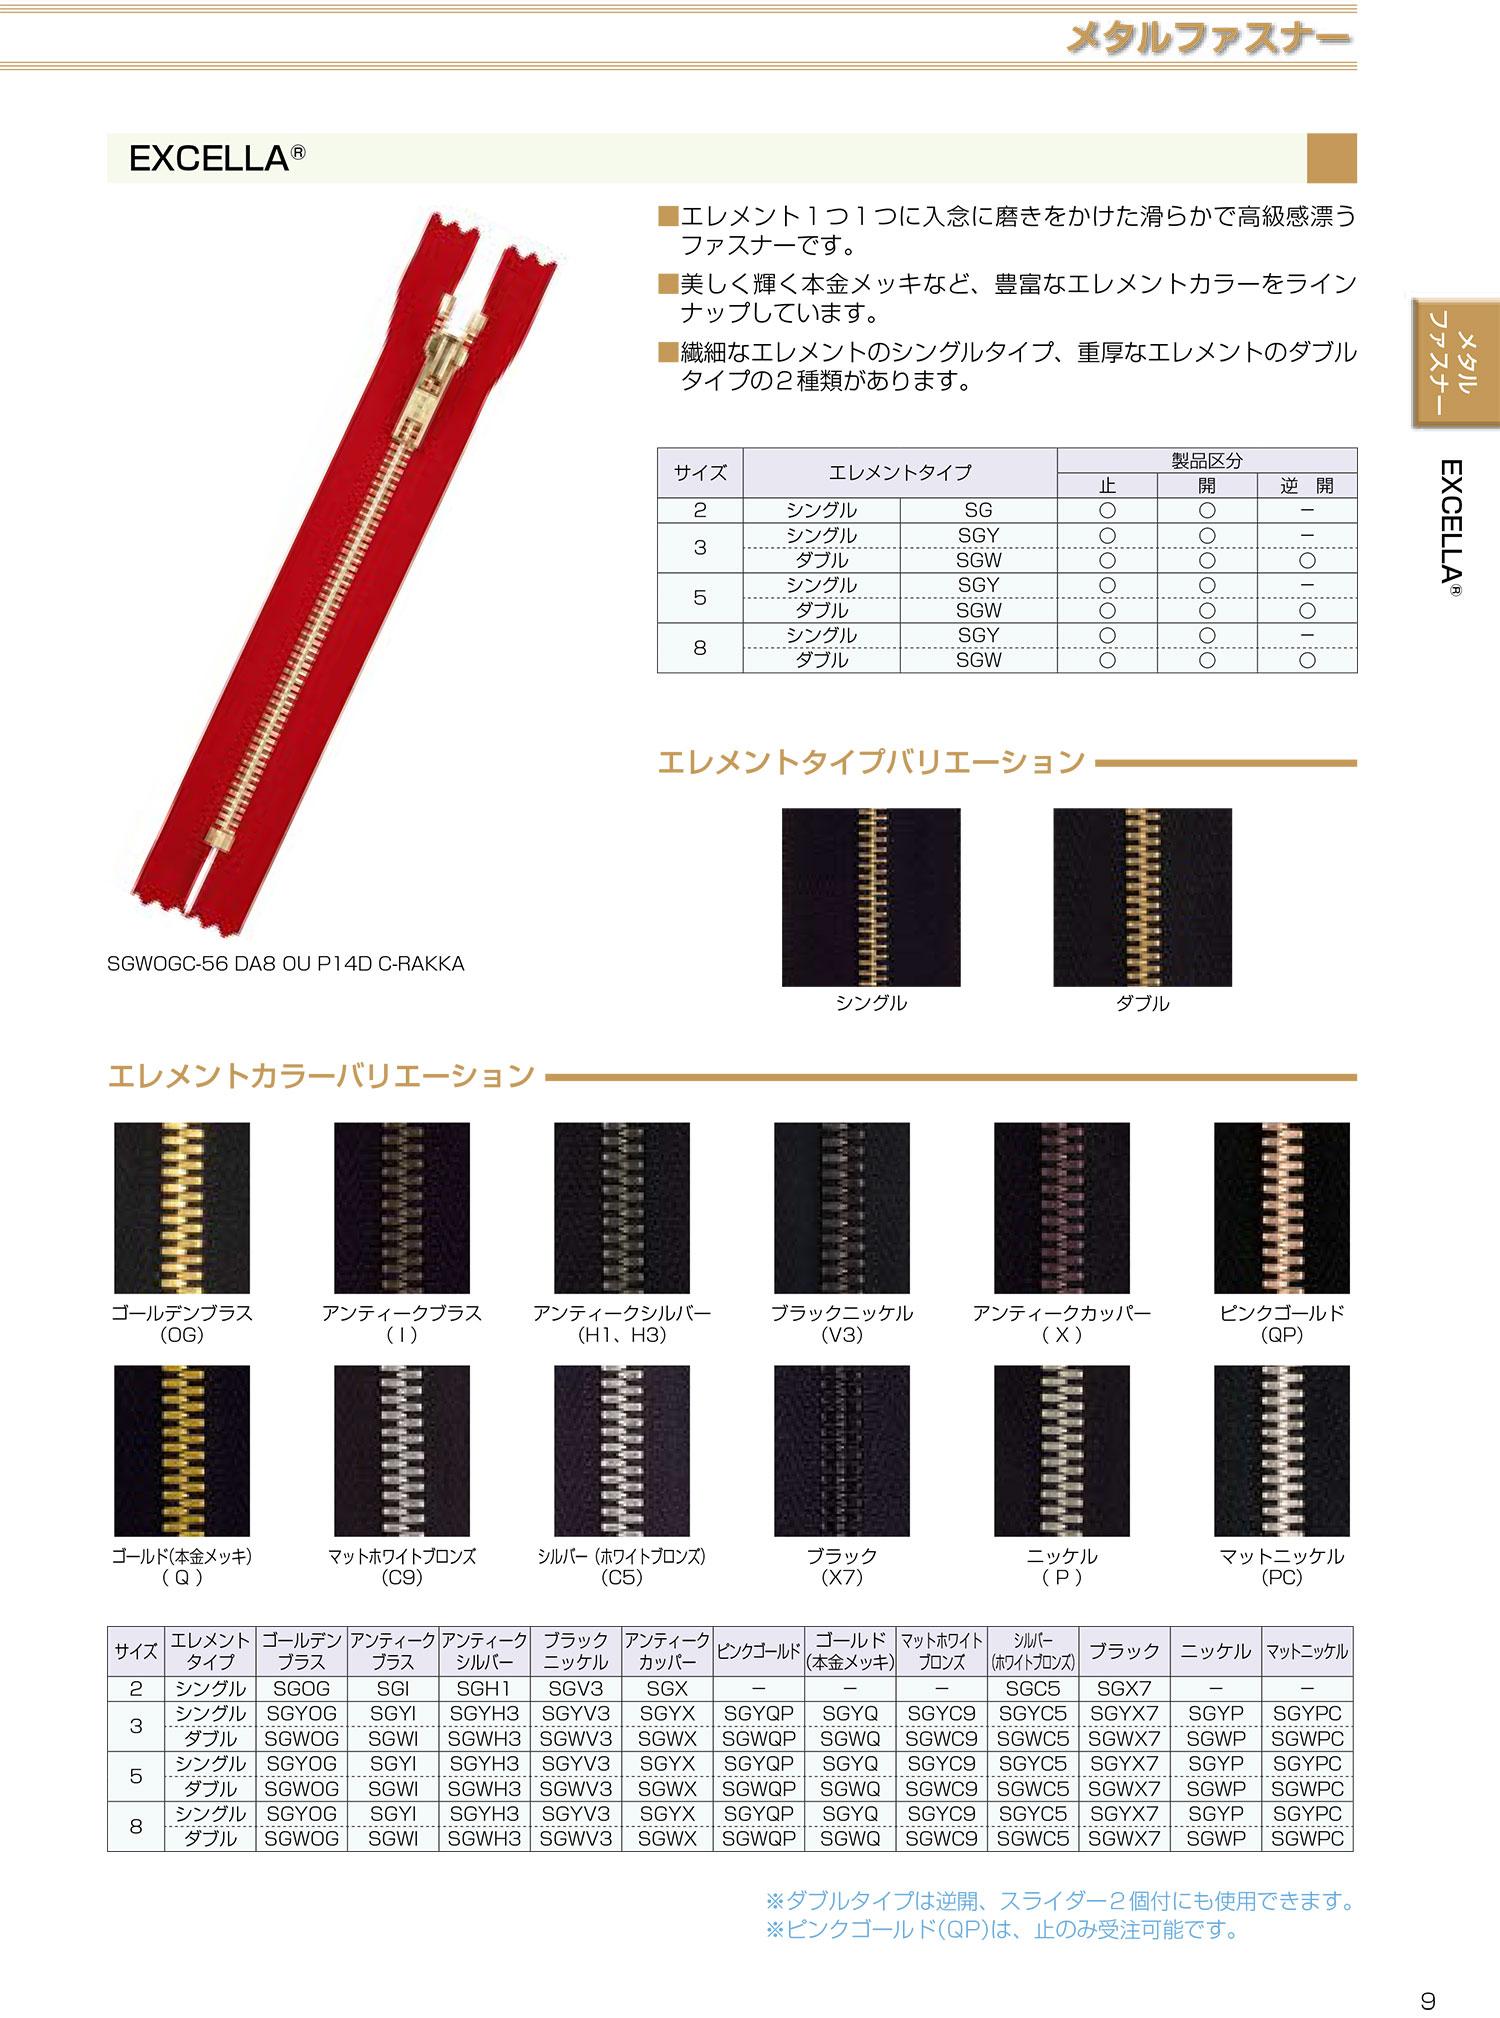 5SGWXMR エクセラ 5サイズ アンティークカッパー 逆開 ダブル[ファスナー] YKK/オークラ商事 - ApparelX アパレル資材卸通販